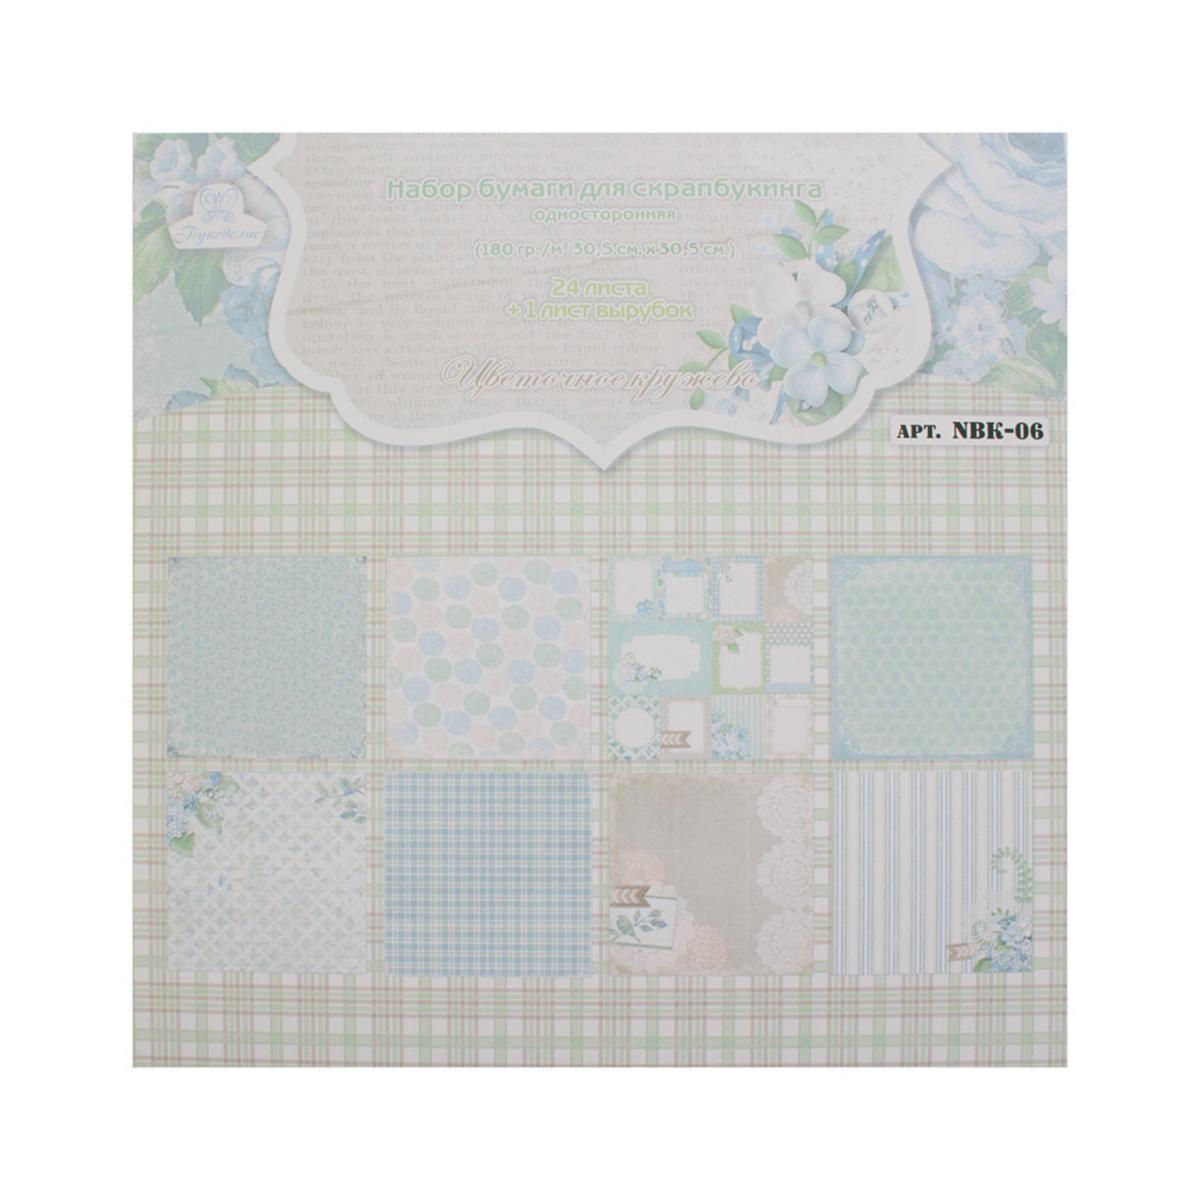 Набор бумаги для скрапбукинга Рукоделие Цветочное кружево, 30,5 х 30,5 см498554Набор бумаги для скрапбукинга Рукоделие Цветочное кружево, используется для изготовления открыток, приглашений, блокнотов и многих других милых вещей, выполненных своими руками. В набор входит: 25 односторонних листов (8 дизайнов по 3 листа + 1 лист с вырубкой). Плотность бумаги- 180 г/ м 2